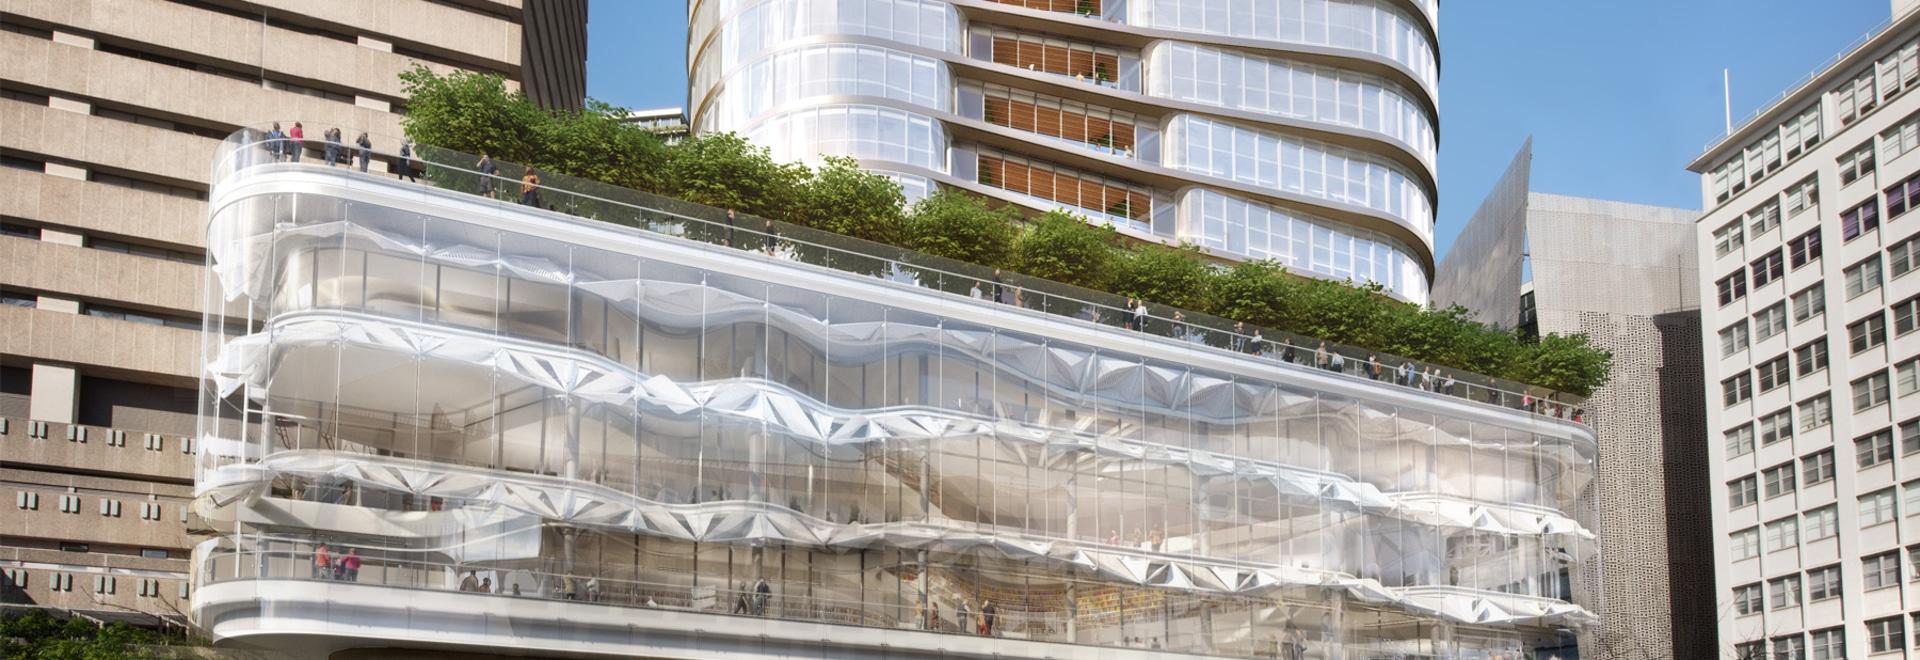 FJMT diseña el nuevo edificio central del UTS en la Universidad Tecnológica en Sydney